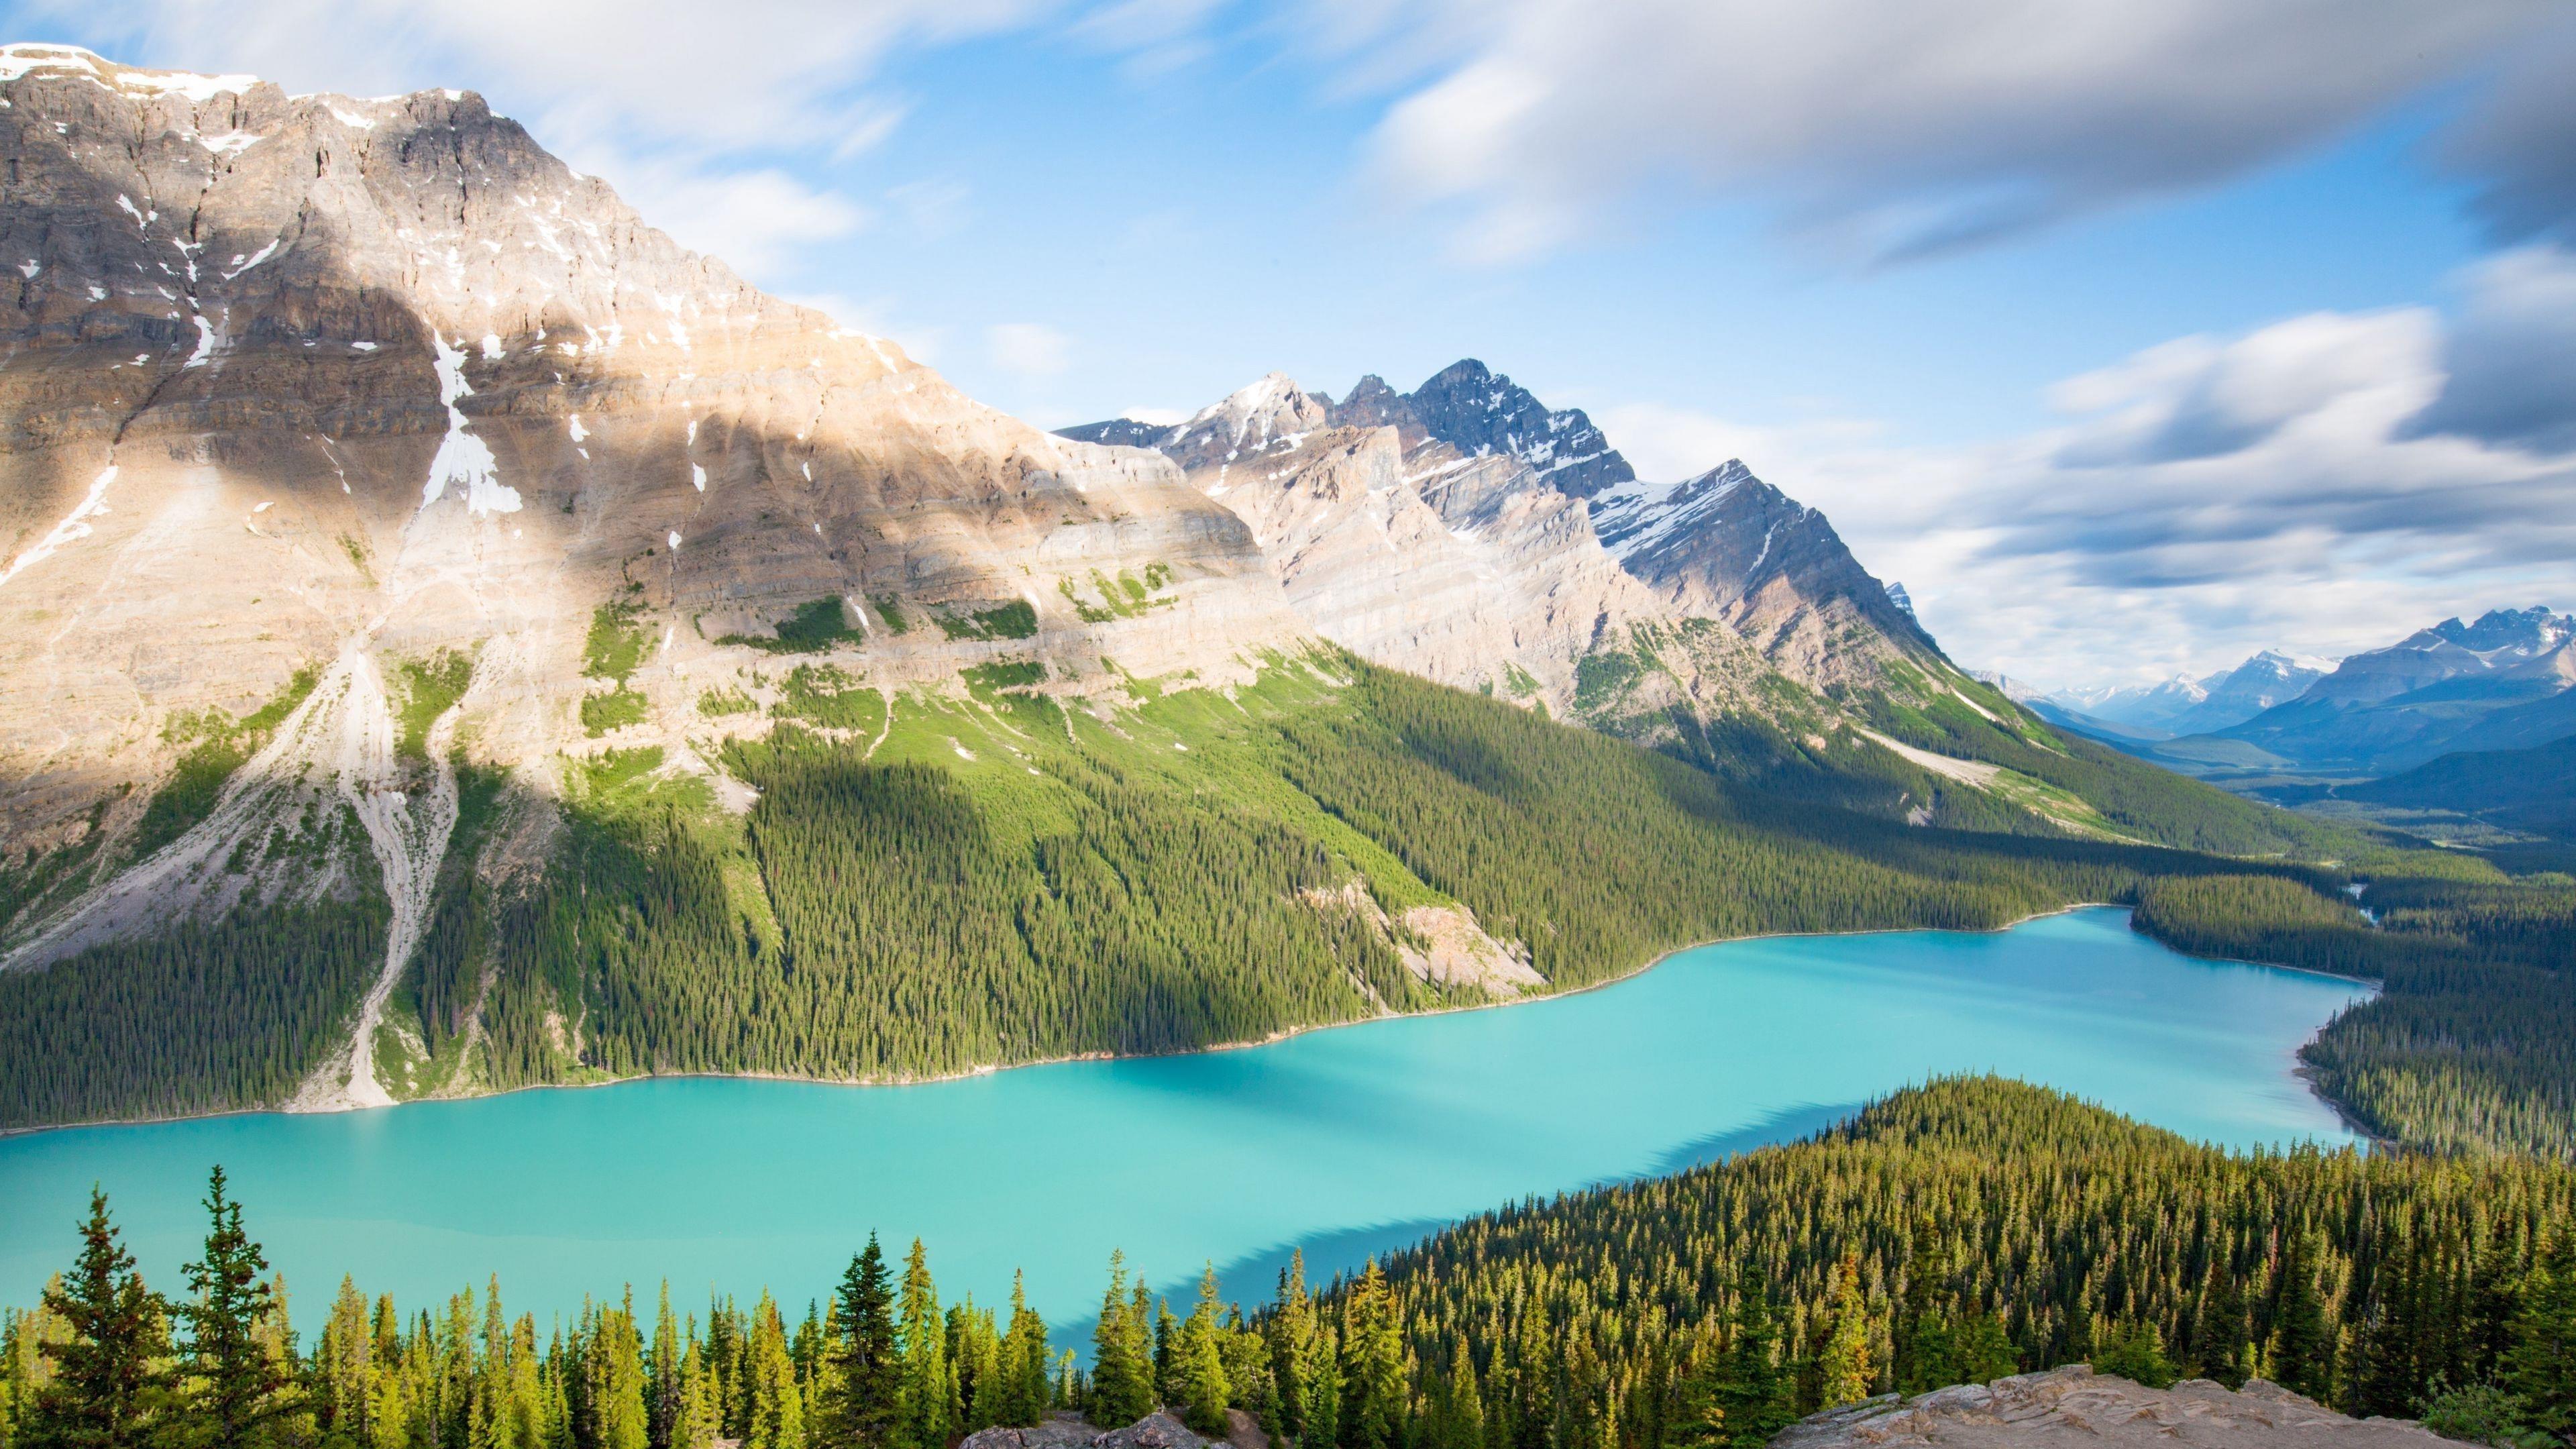 Озеро горы деревья ель пейзаж обои скачать